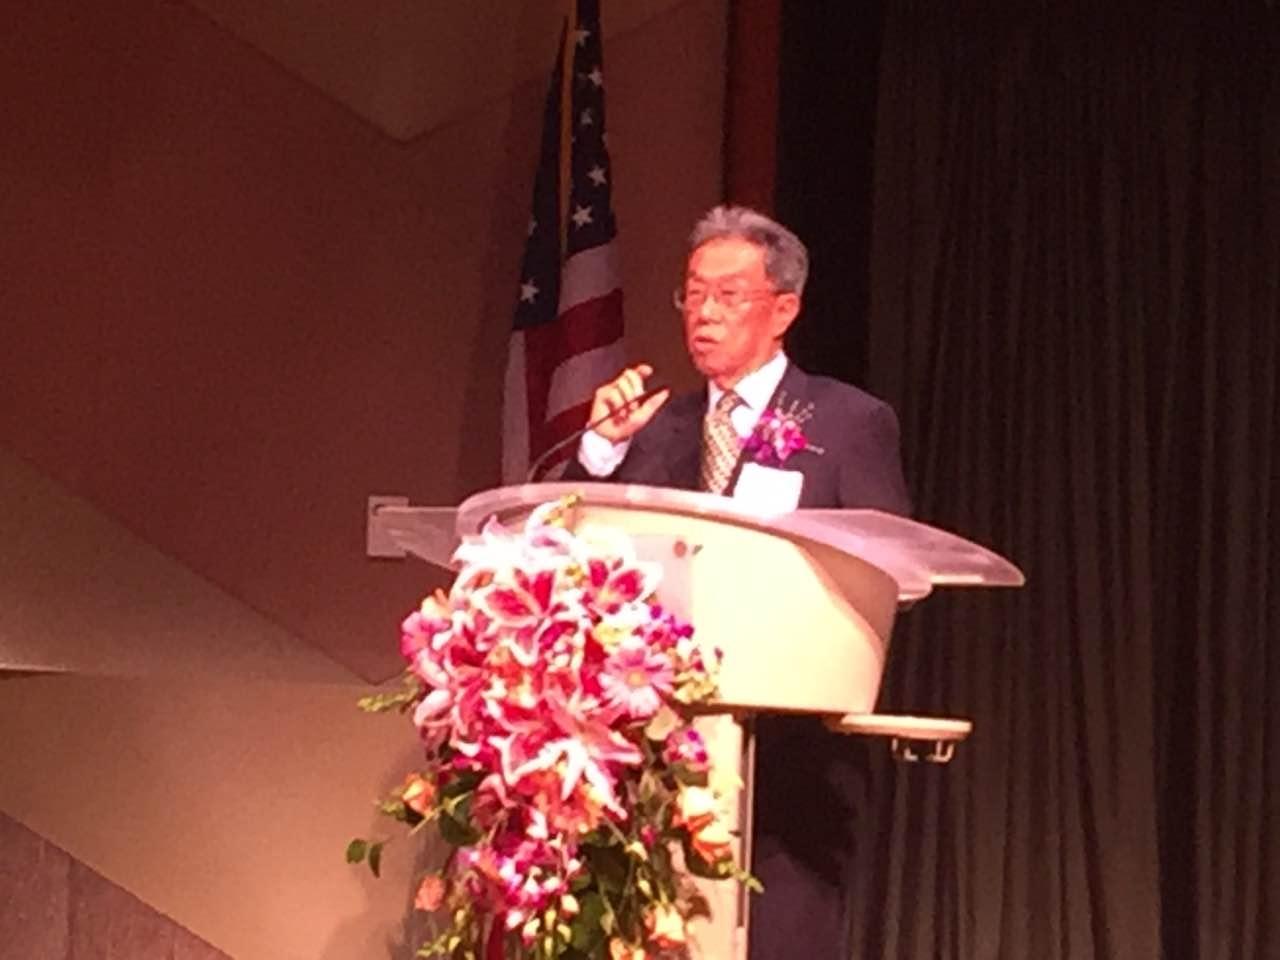 (王蒙先生上台演讲《中华文化基因》。美中作协拍摄)